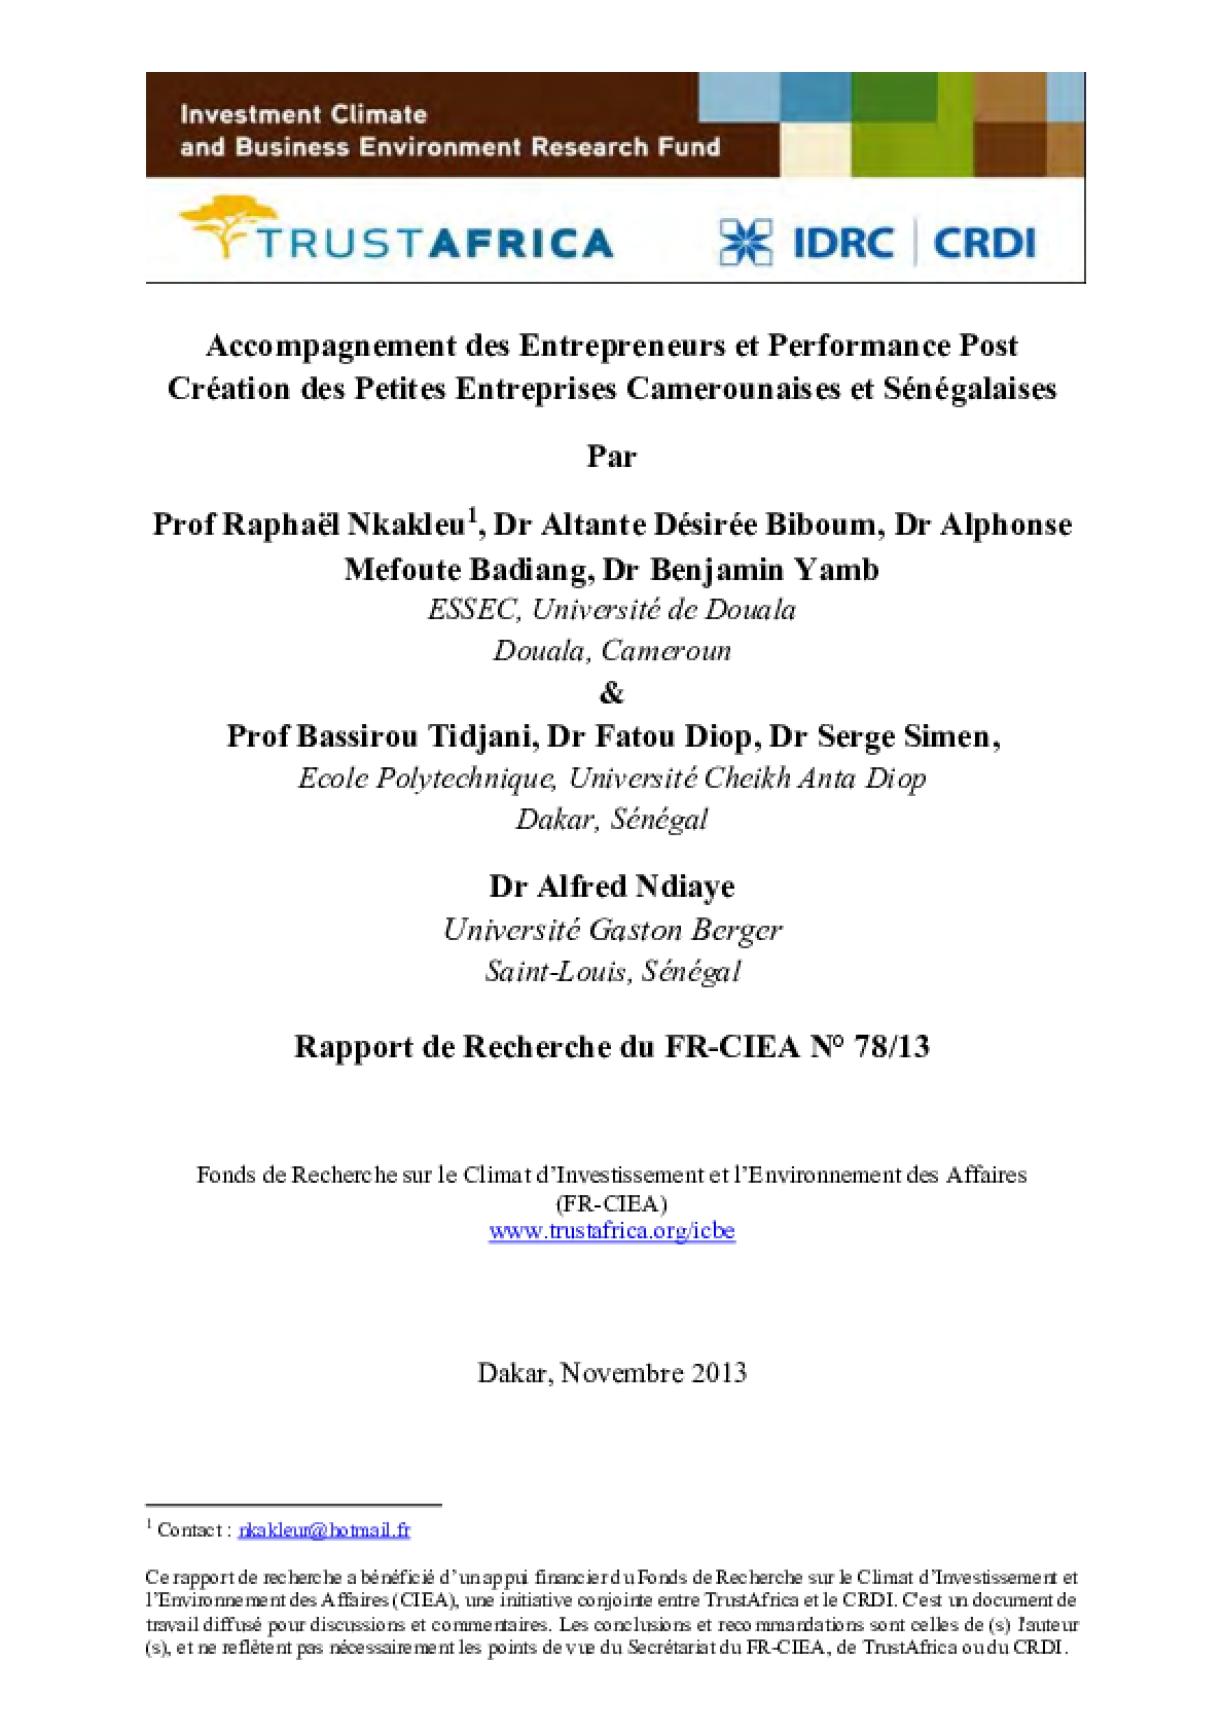 Accompagnement des Entrepreneurs et Performance Post Création des Petites Entreprises Camerounaises et Sénégalaises